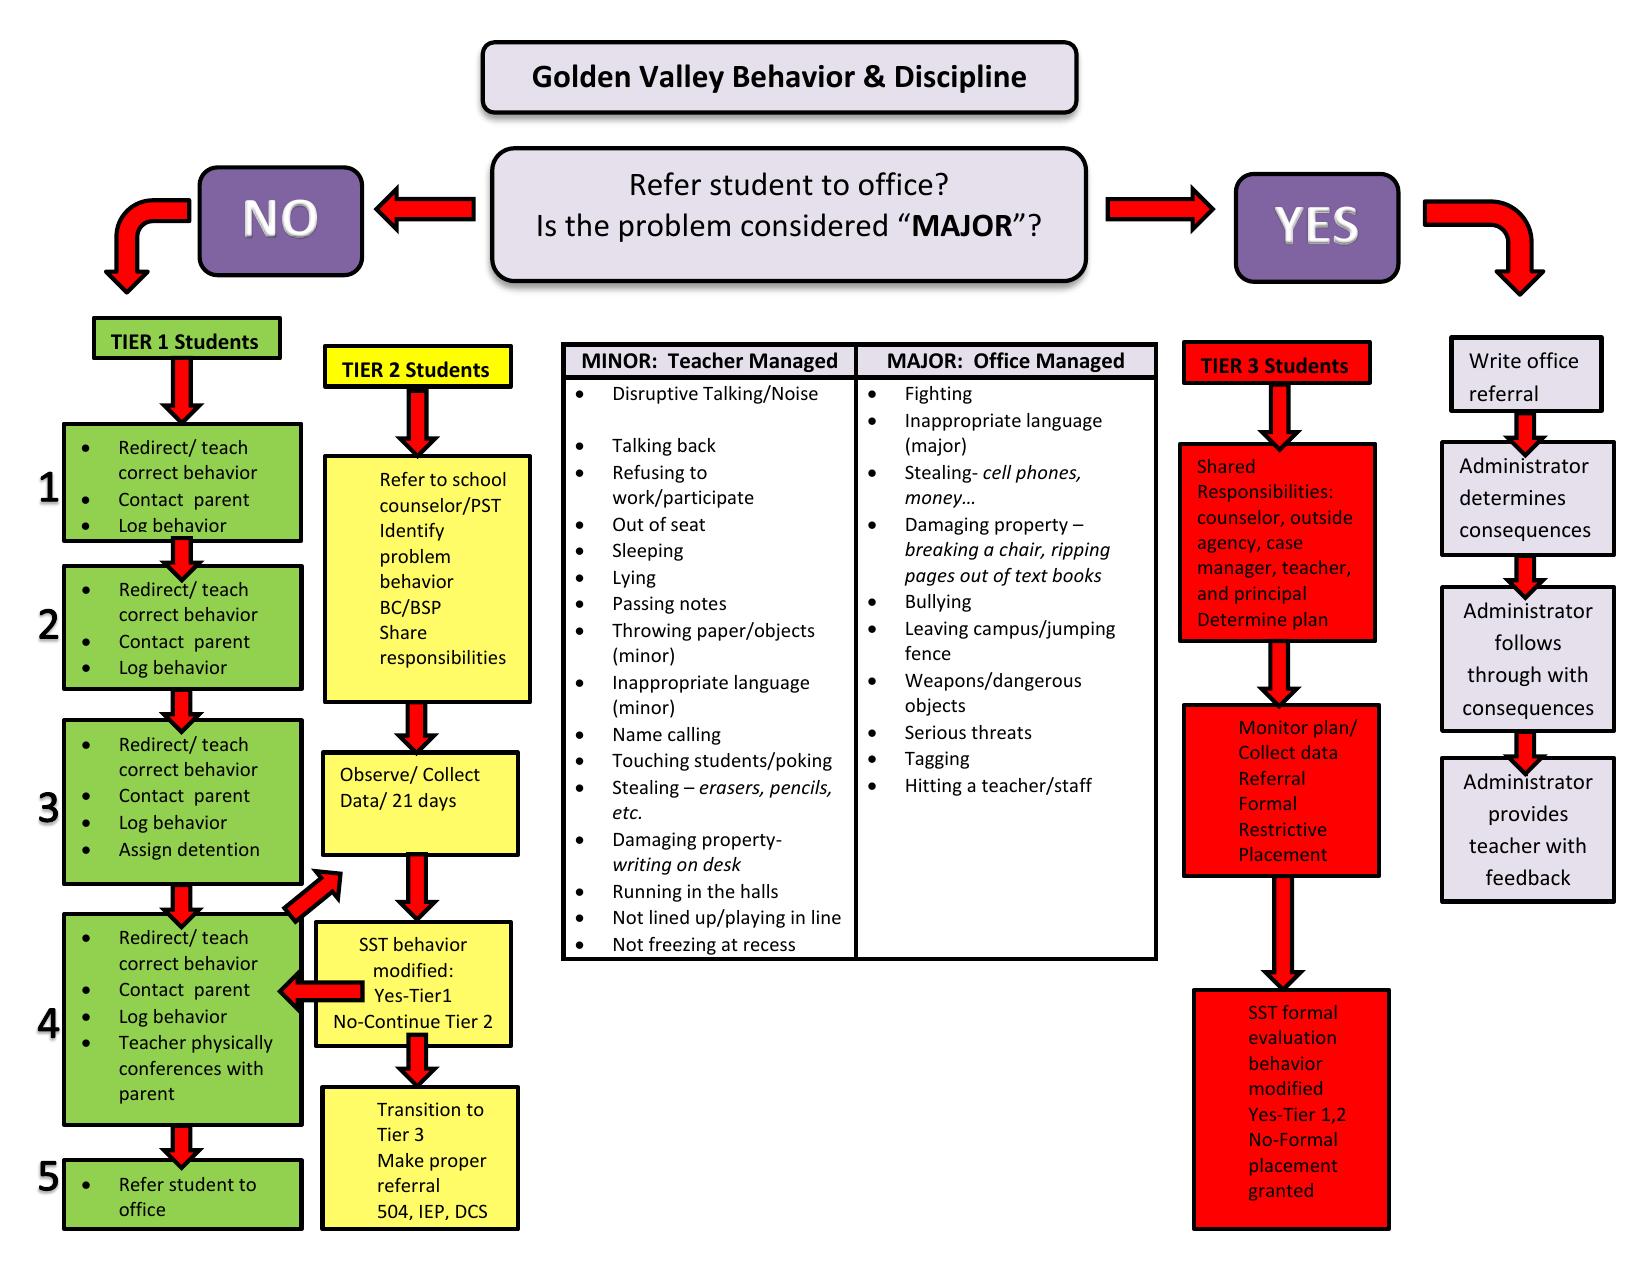 Golden Valley Behavior Flow chart